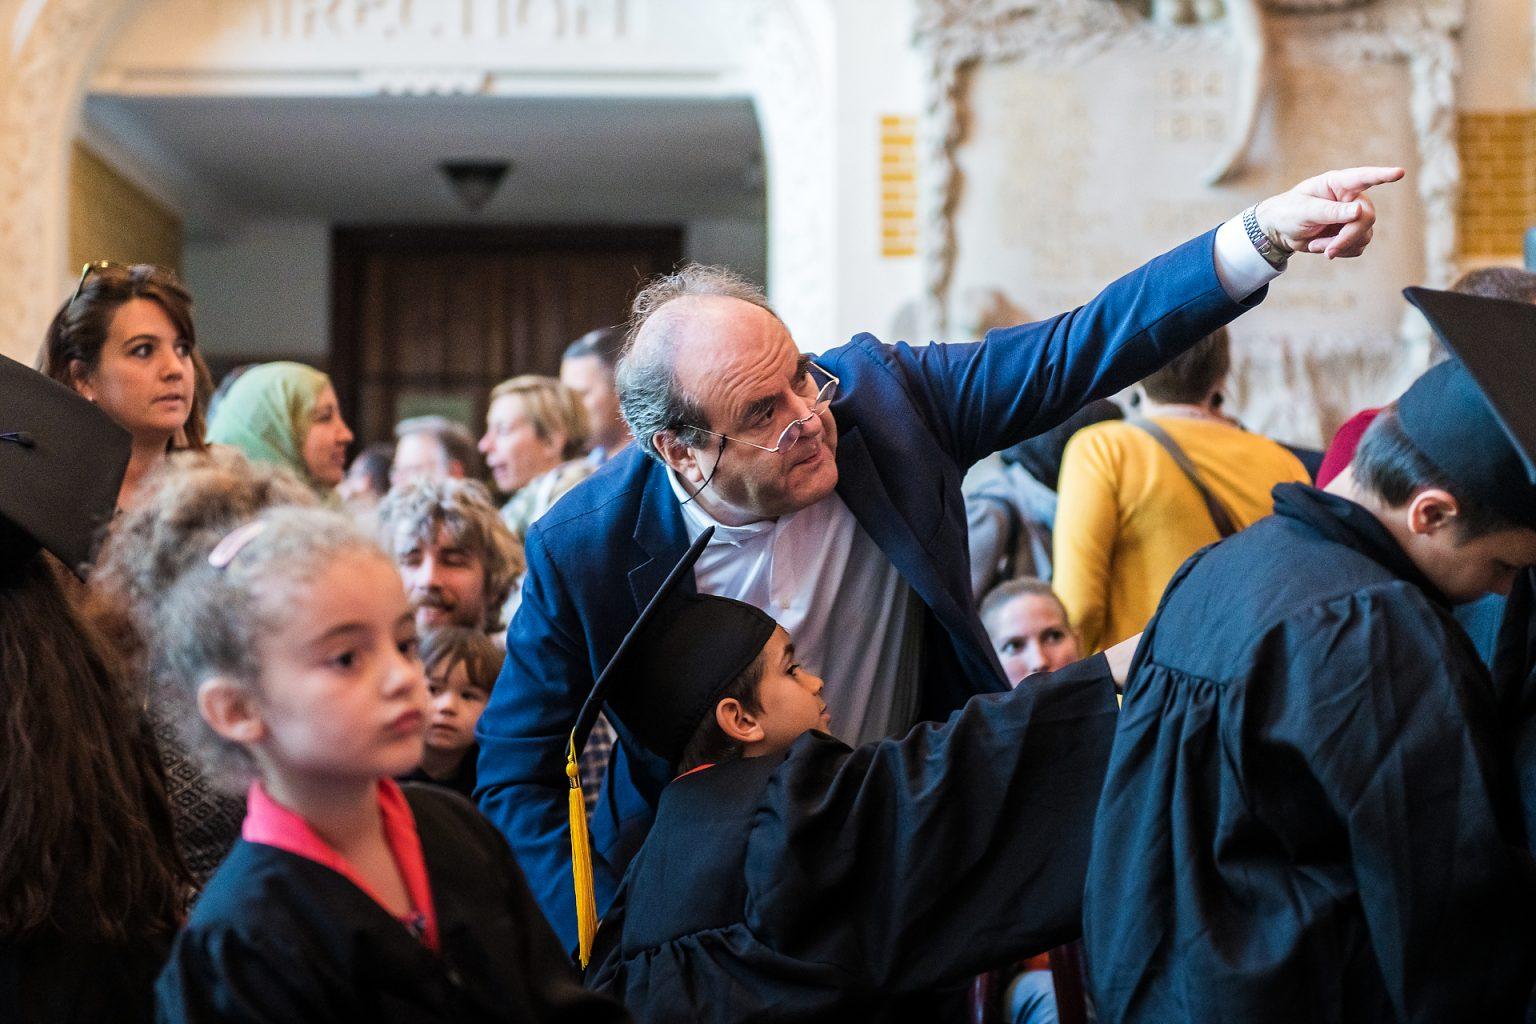 """Université des Enfants de Charleroi : le recteur Yvon Englert et un """"étudiant"""". Reportage photographique de l'événement par Aurore Delsoir photographe événementiel"""